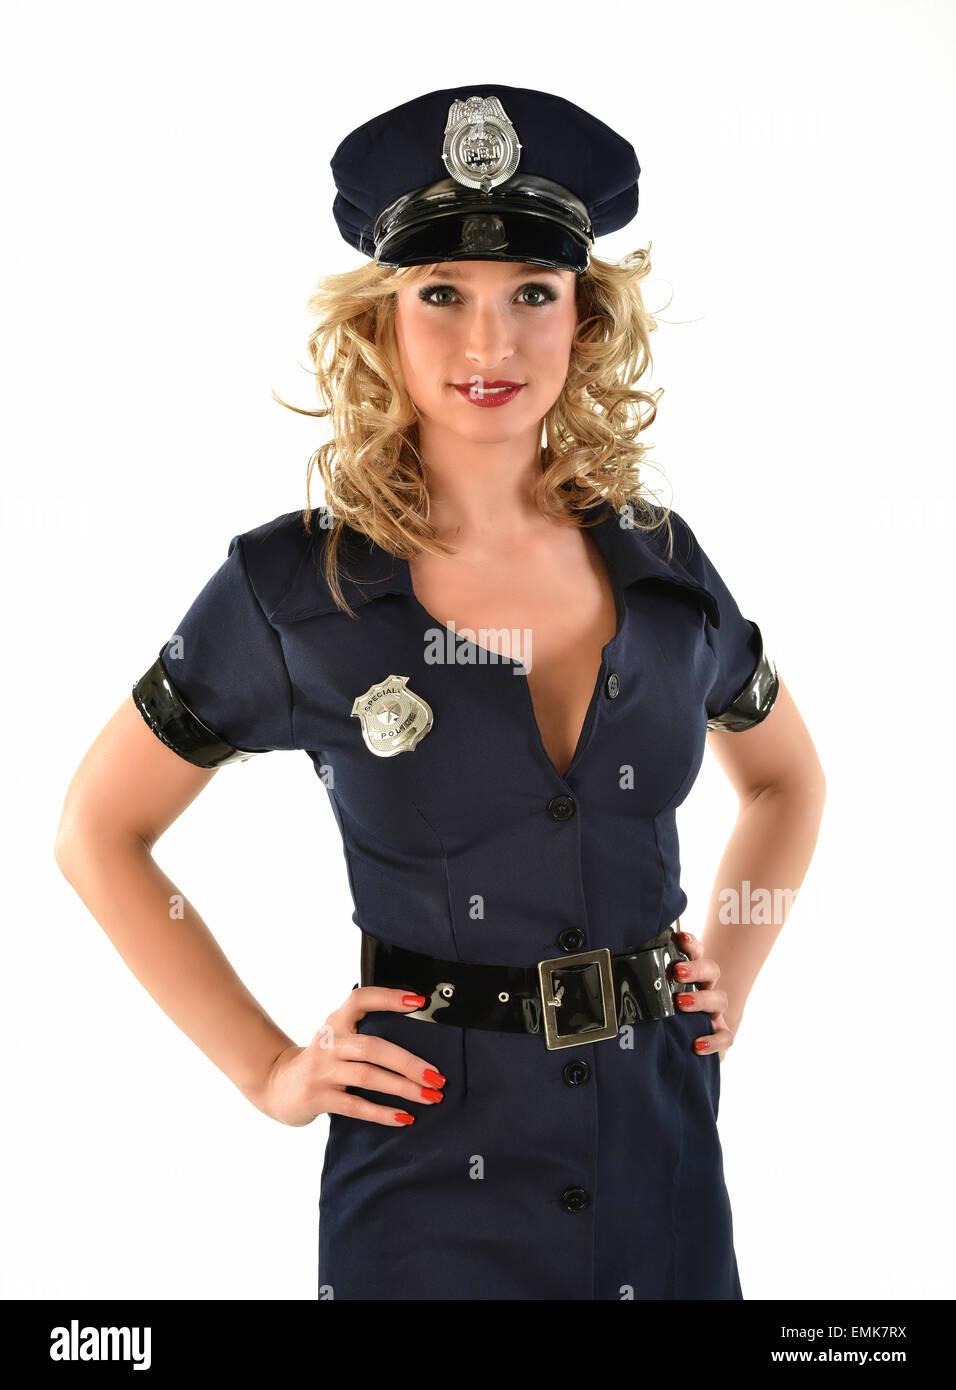 Costume POLIZIOTTO POLIZIA BAMBINO Bambini Costume Polizia Uniform Bambini Vigile Urbano